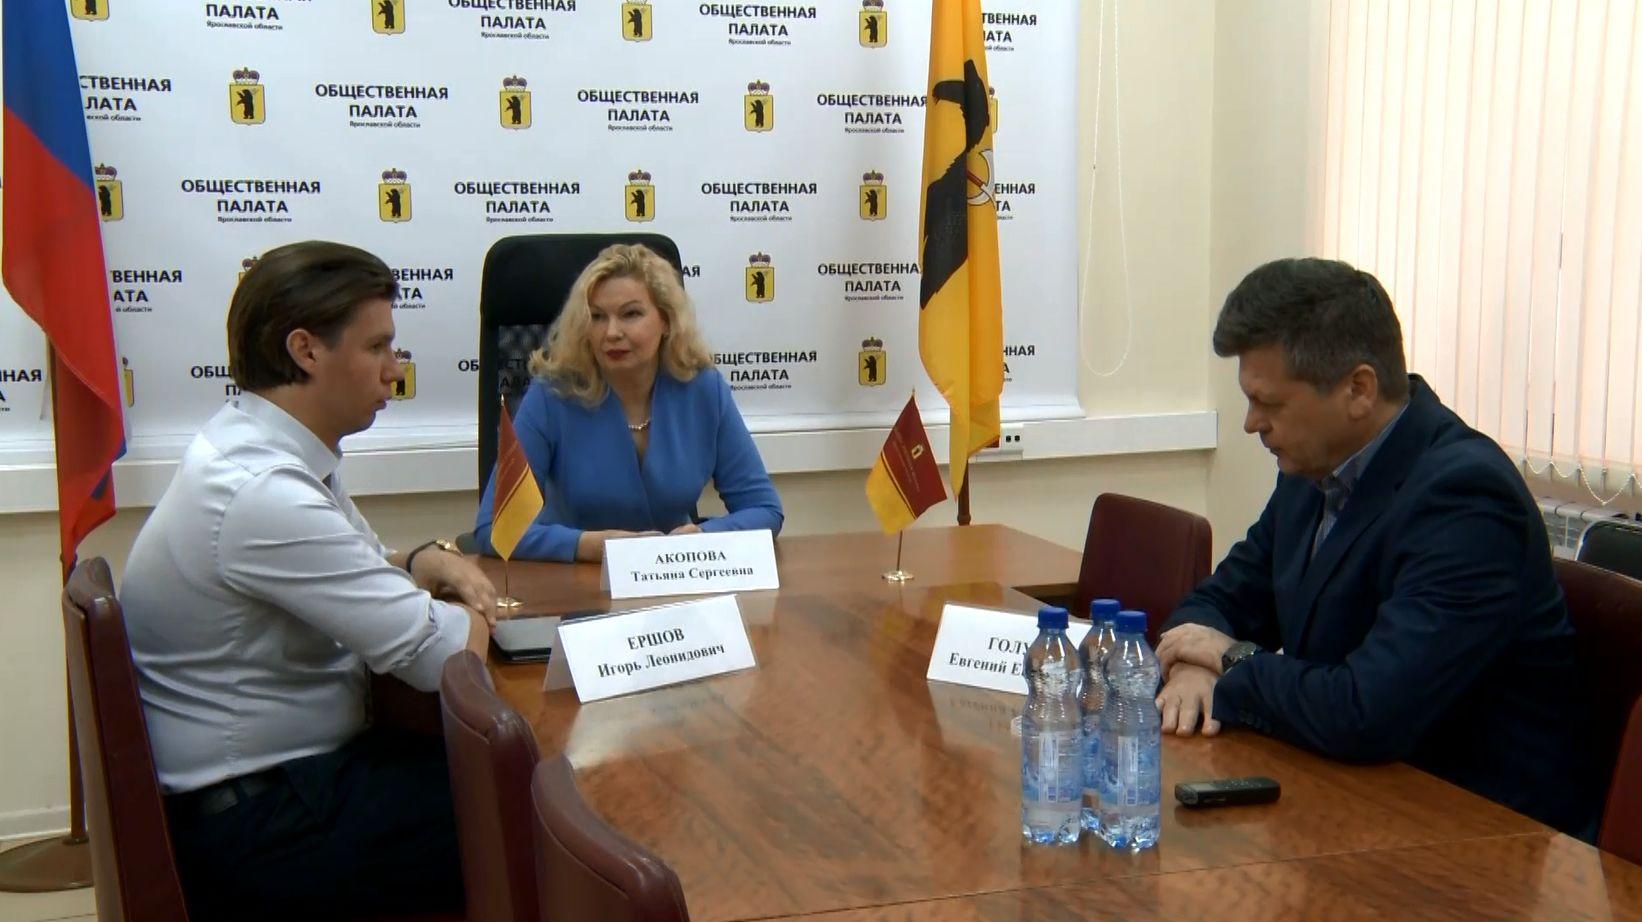 Областная общественная палата Ярославской области провела пресс-конференцию, посвящённую избирательной кампании